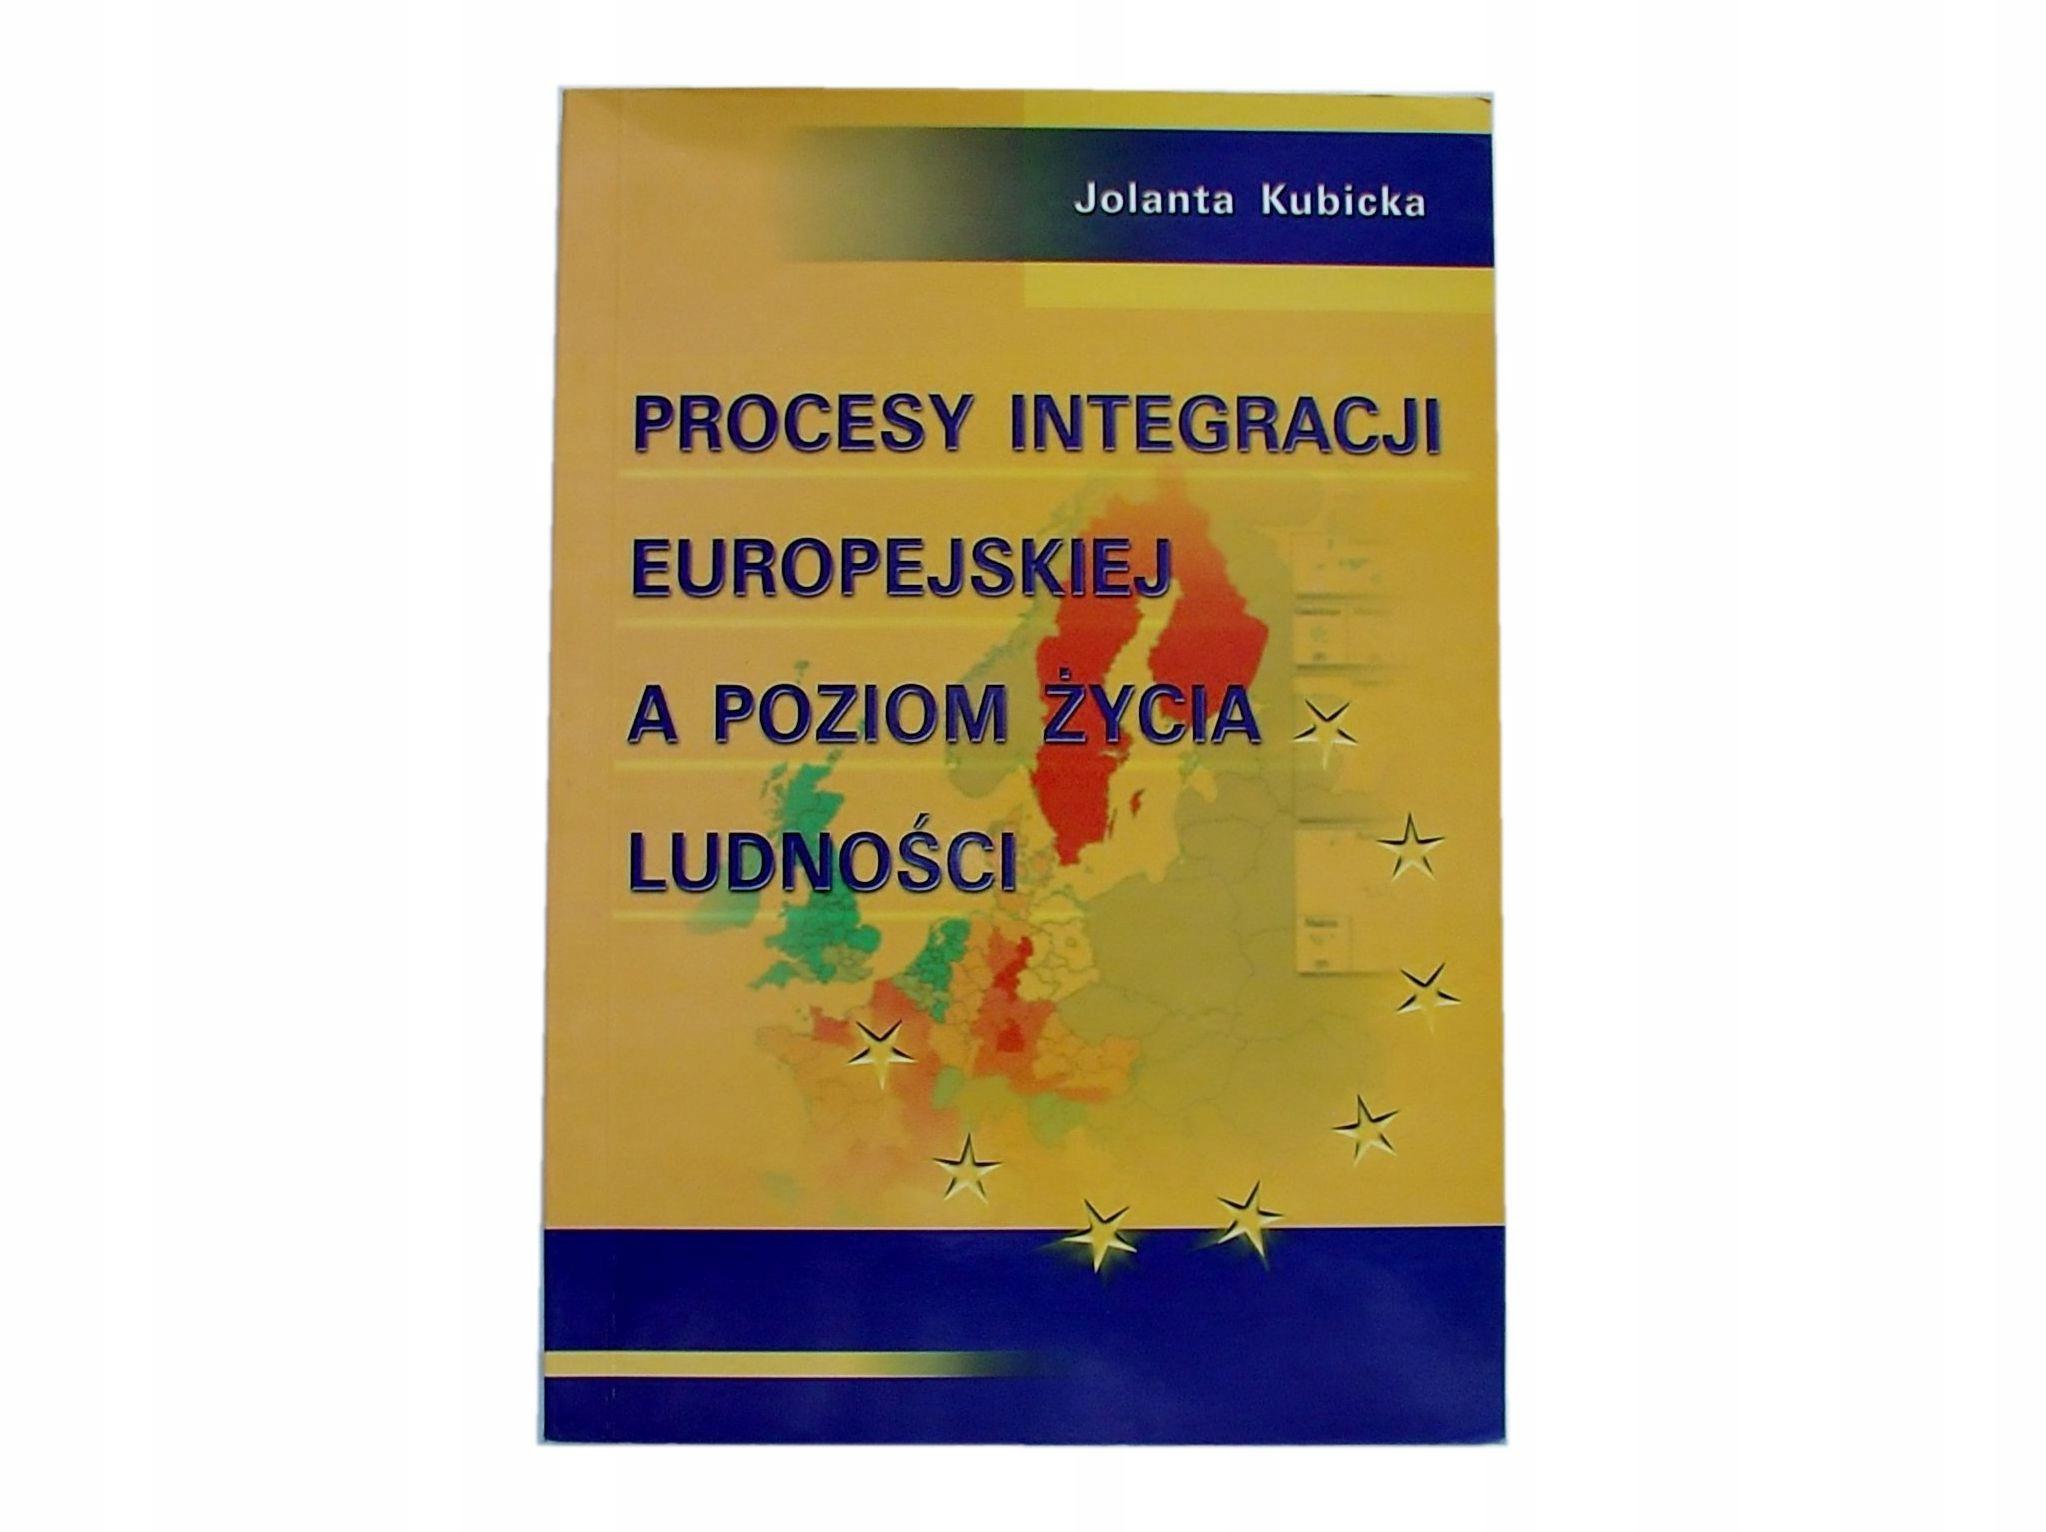 PROCESY INTEGRACJI EUROPEJSKIEJ A POZIOM ŻYCIA